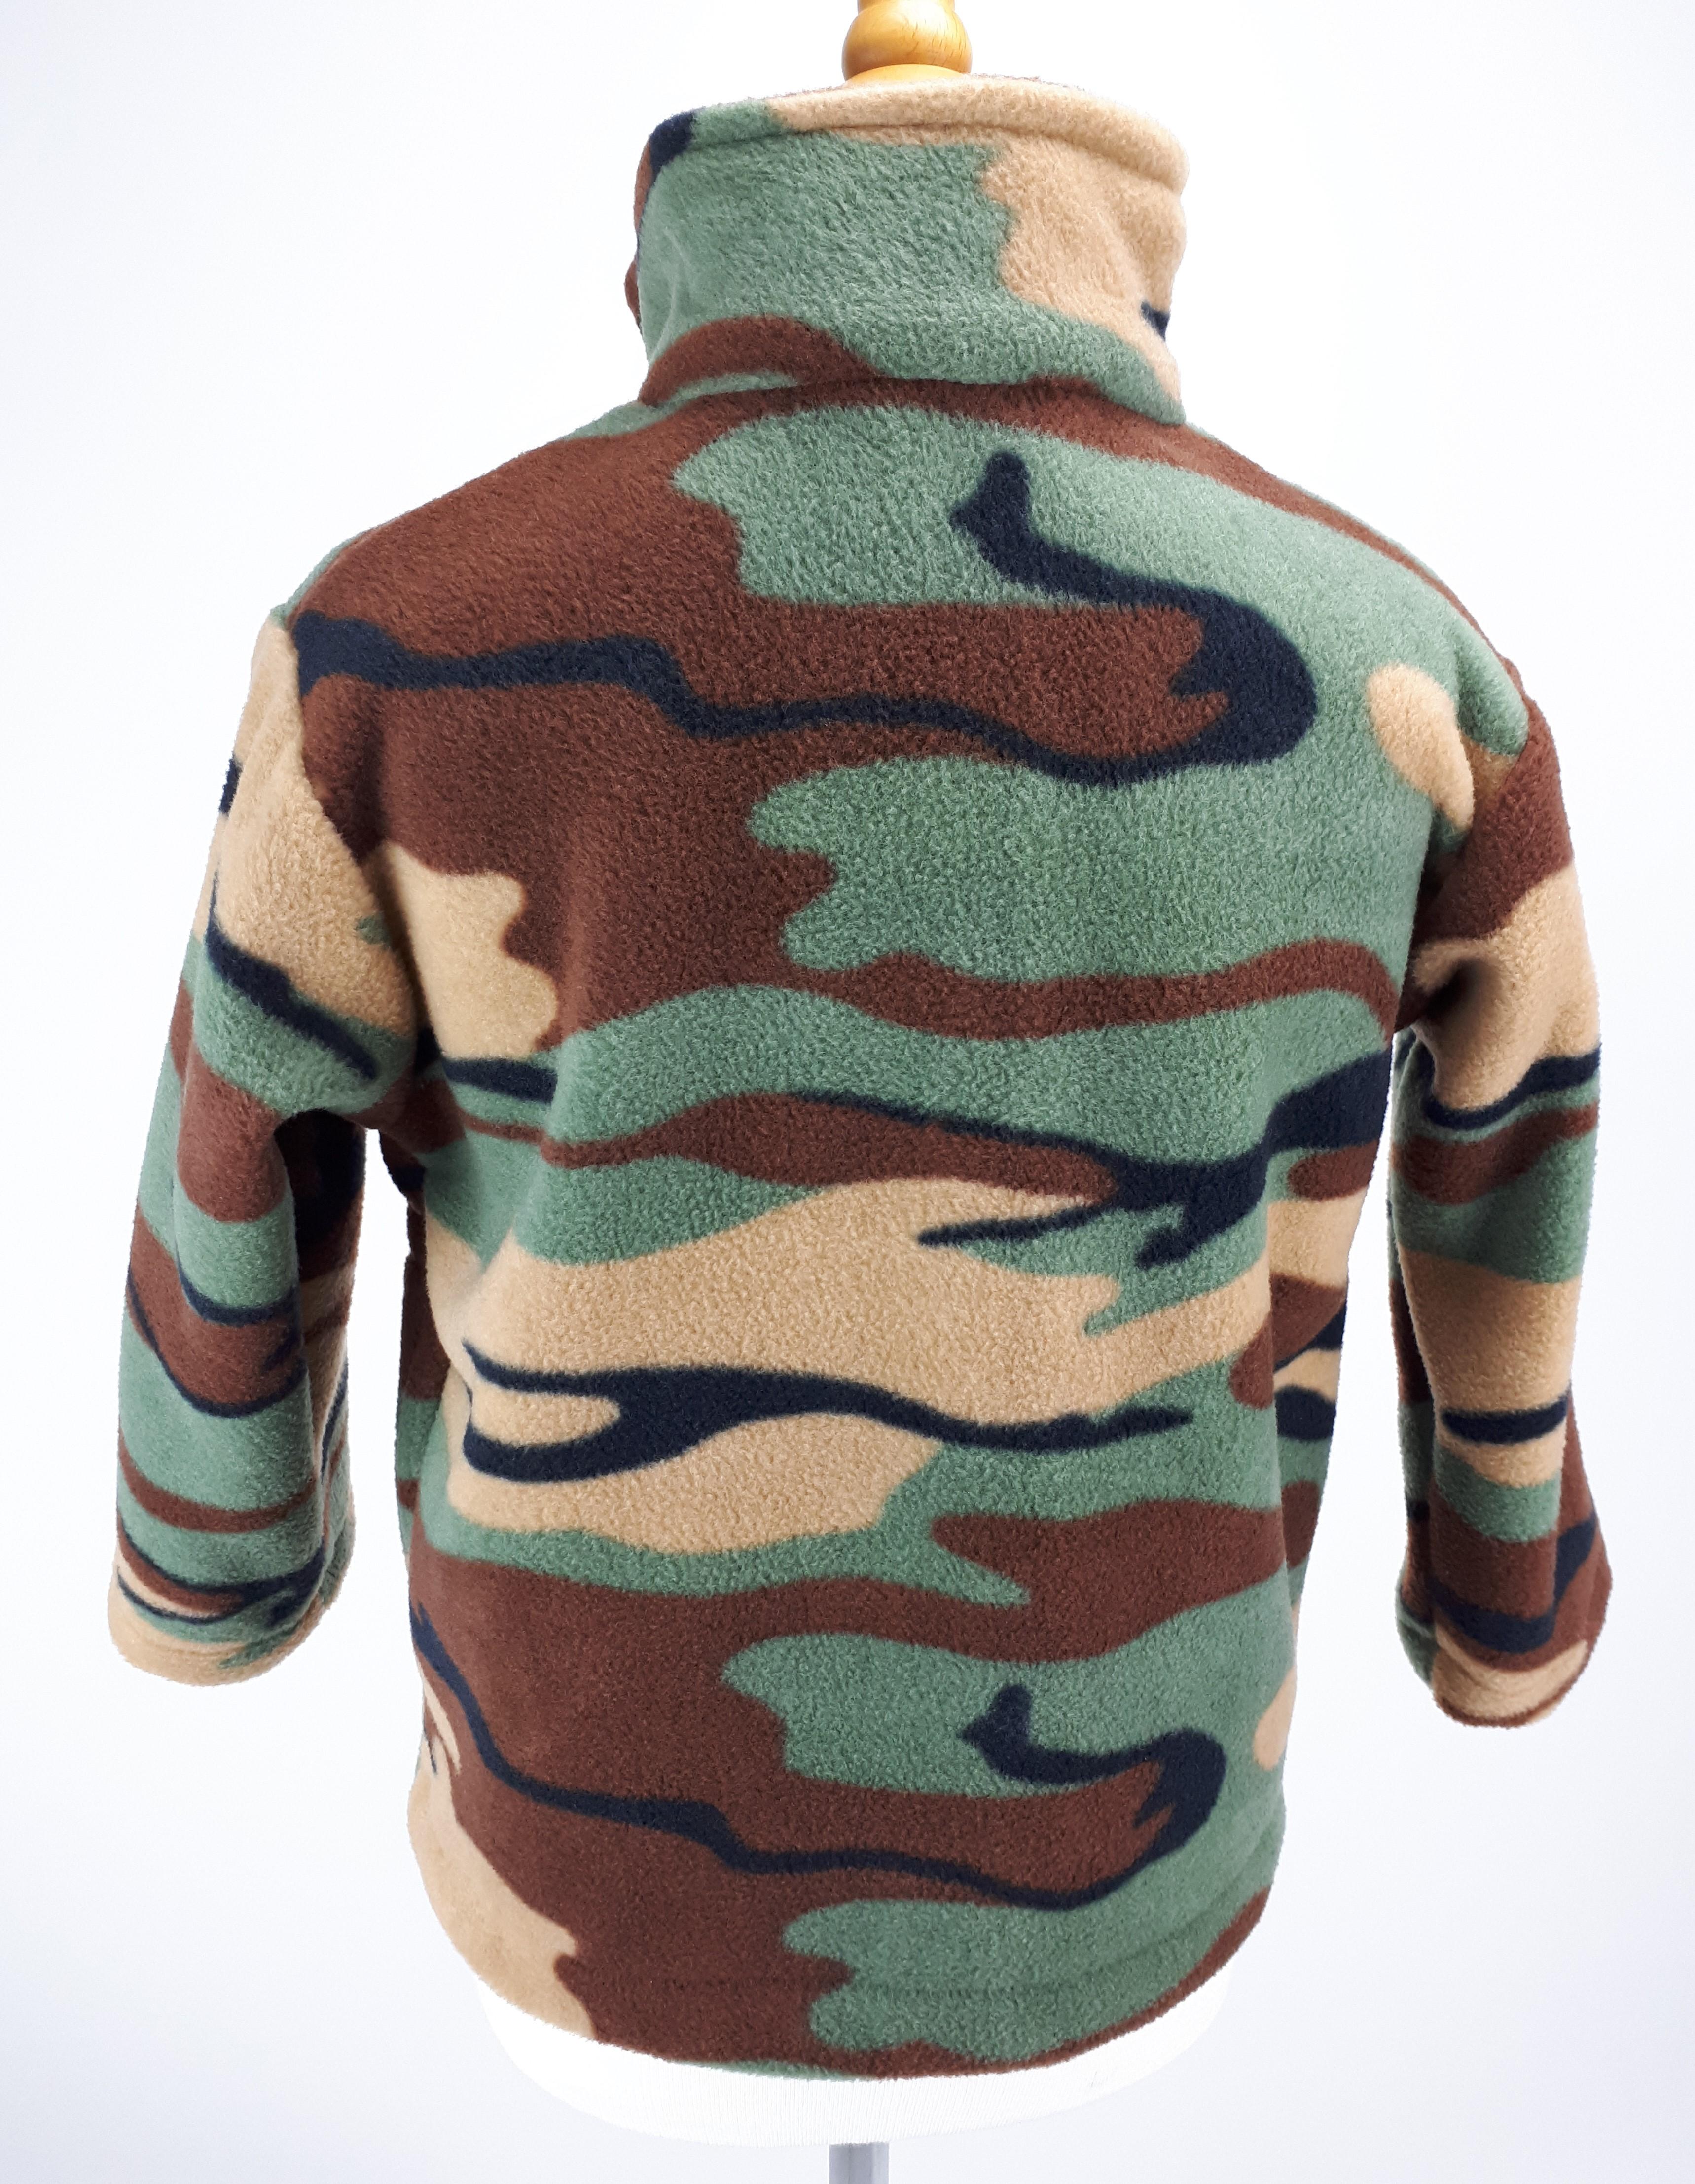 Jungle Camo Jacket